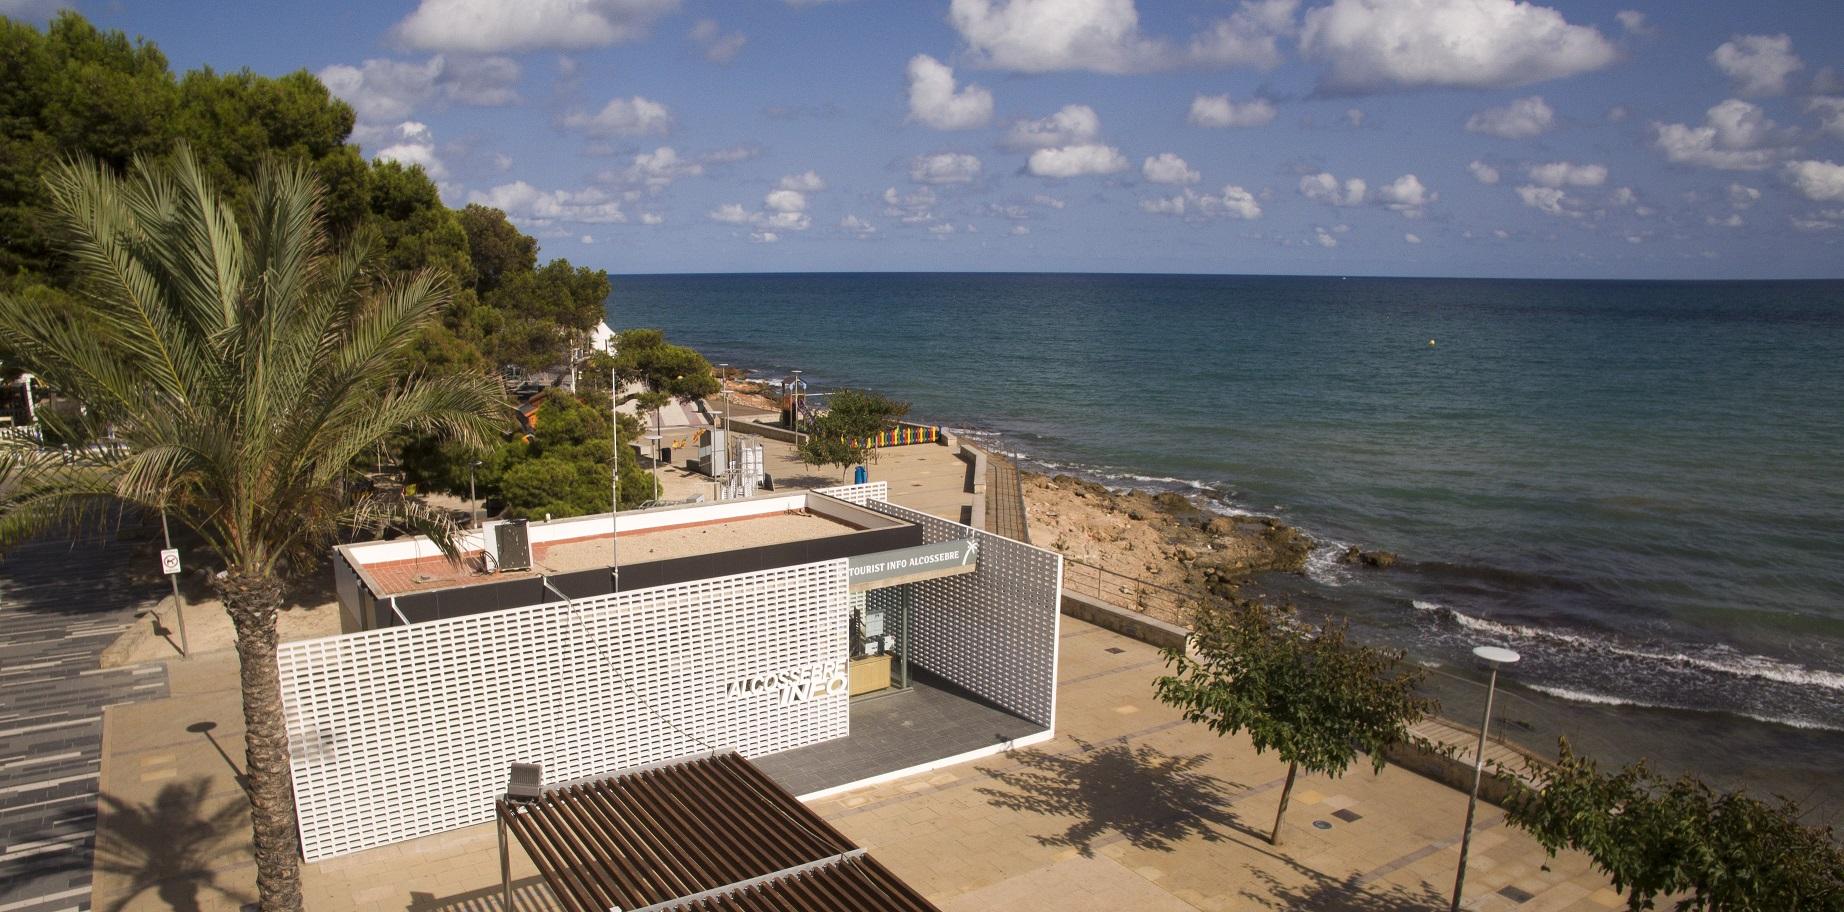 Empreses locals i recursos municipals d'Alcalà-Alcossebre segueixen sumant distintius SICTED de qualitat turística